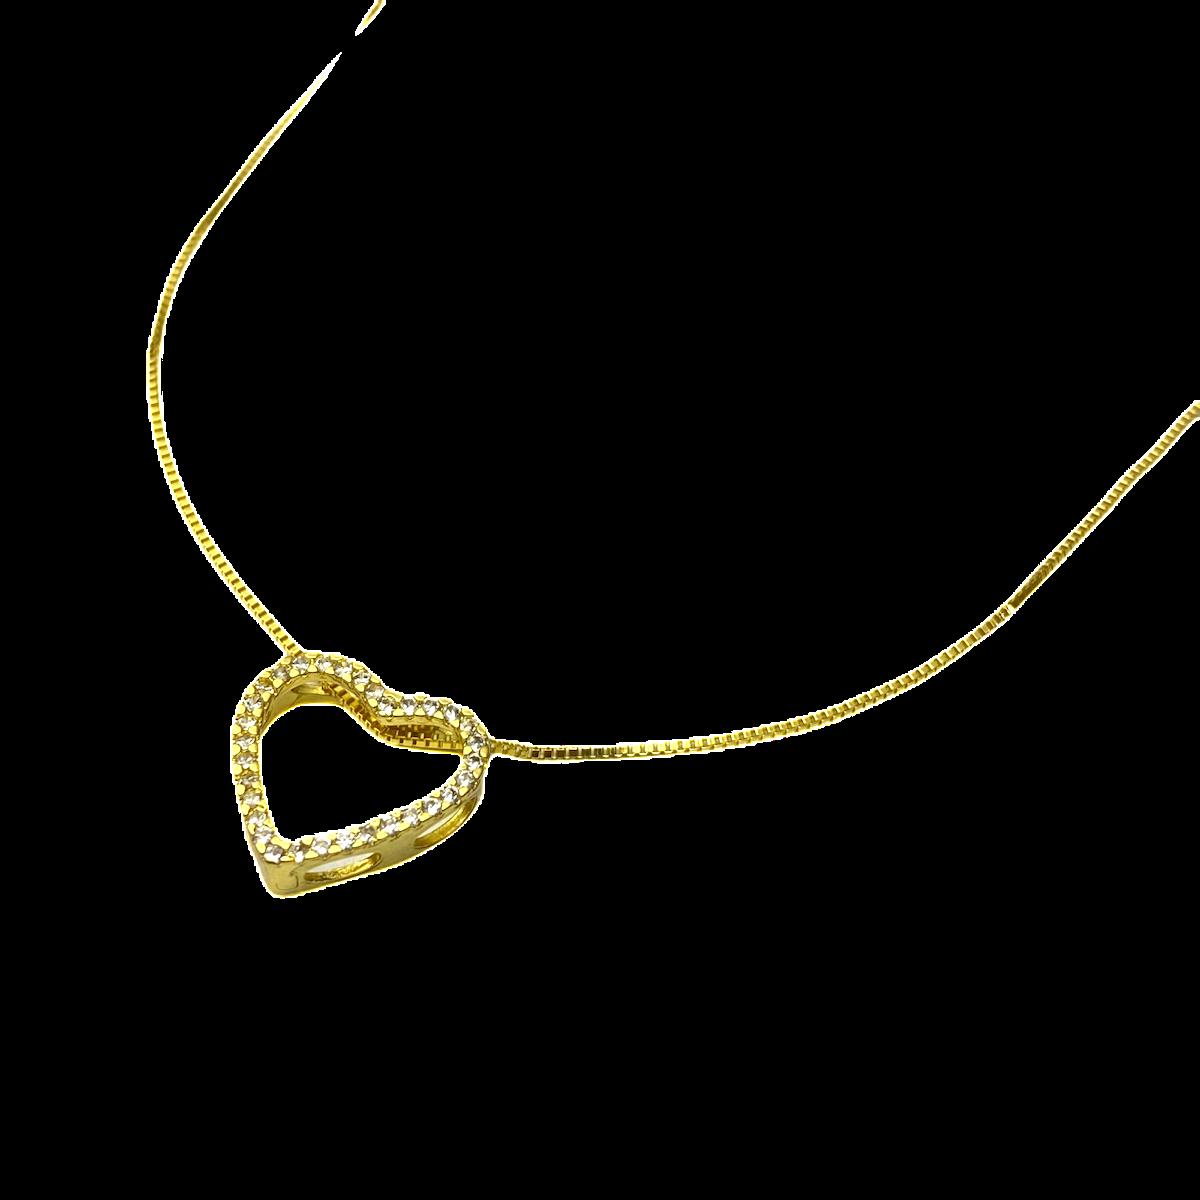 Colar Veneziana 40cm + Coração Vazado Cravejado em Zircônia (Banho Ouro 24k)